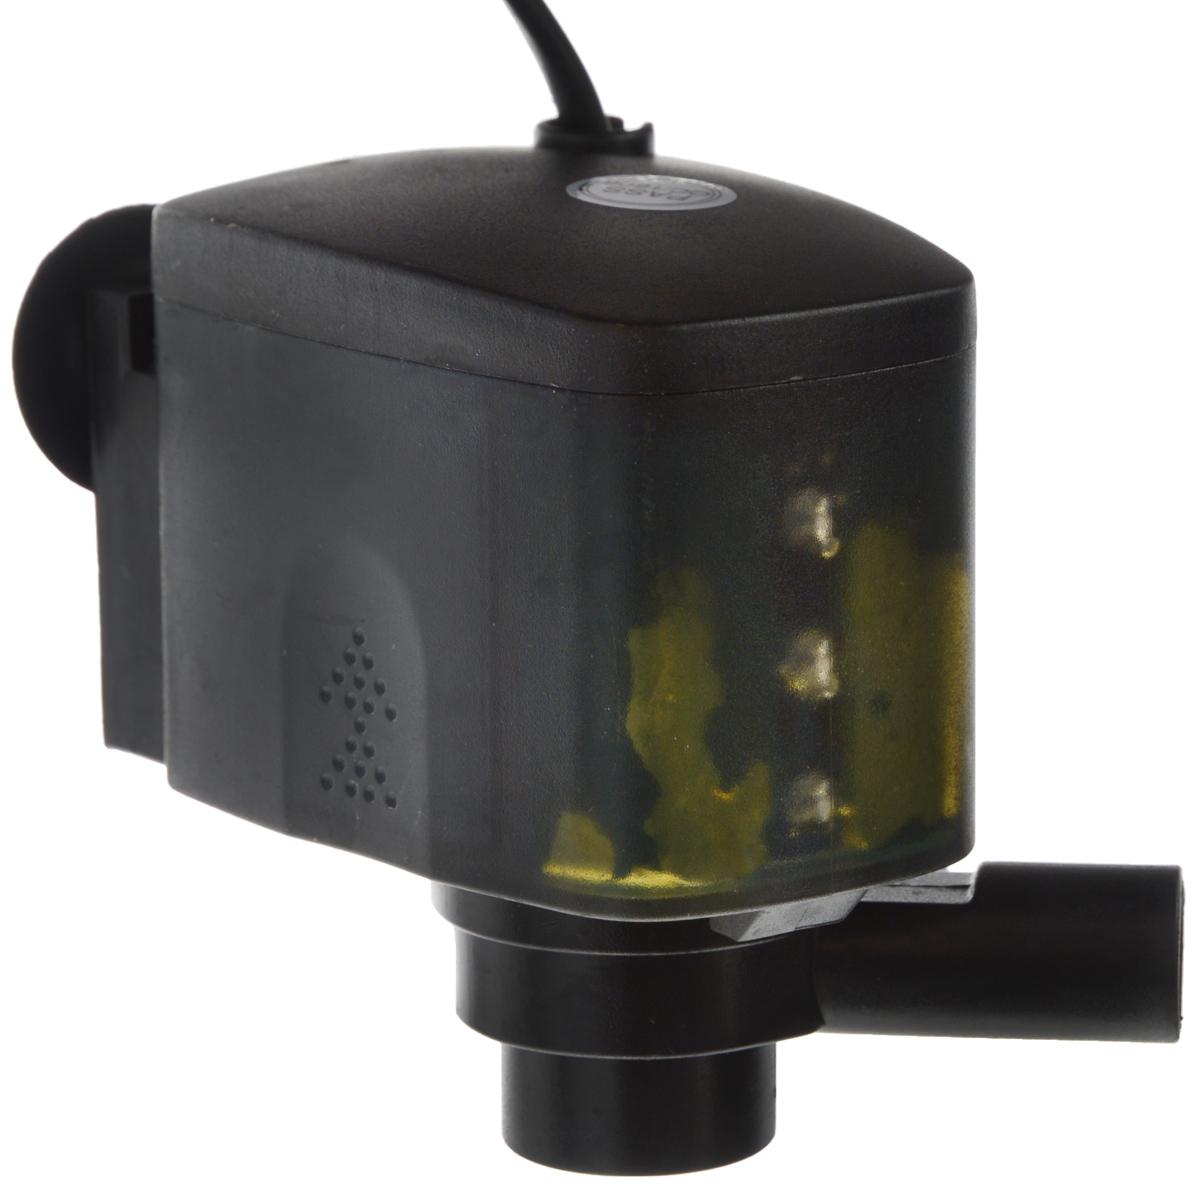 Помпа для аквариума Barbus LED-188, водяная, с индикаторами LED, 1200 л/ч, 20 ВтPUMP 008Водяная помпа Barbus LED-188 - это насос, который предназначен для подачи воды в аквариуме, подходит для пресной и соленой воды. Механическая фильтрация происходит за счёт губки, которая поглощает грязь и очищает воду. Также помпа Barbus LED-188 используется для подачи воды по шлангу на некоторые устройства, расположенные вне аквариума - такие как ультрафиолетовые стерилизаторы, сухозаряженные и некоторые навесные фильтры, биофильтры вне аквариума и другие. Имеет дополнительную насадку с возможностью аэрации воды. Только для полного погружения в воду. Напряжение: 220-240 В. Частота: 50/60 Гц. Производительность: 1200 л/ч. Максимальная высота подъема: 1,2 м. Уважаемые клиенты! Обращаем ваше внимание на возможные изменения в цвете некоторых деталей товара. Поставка осуществляется в зависимости от наличия на складе.